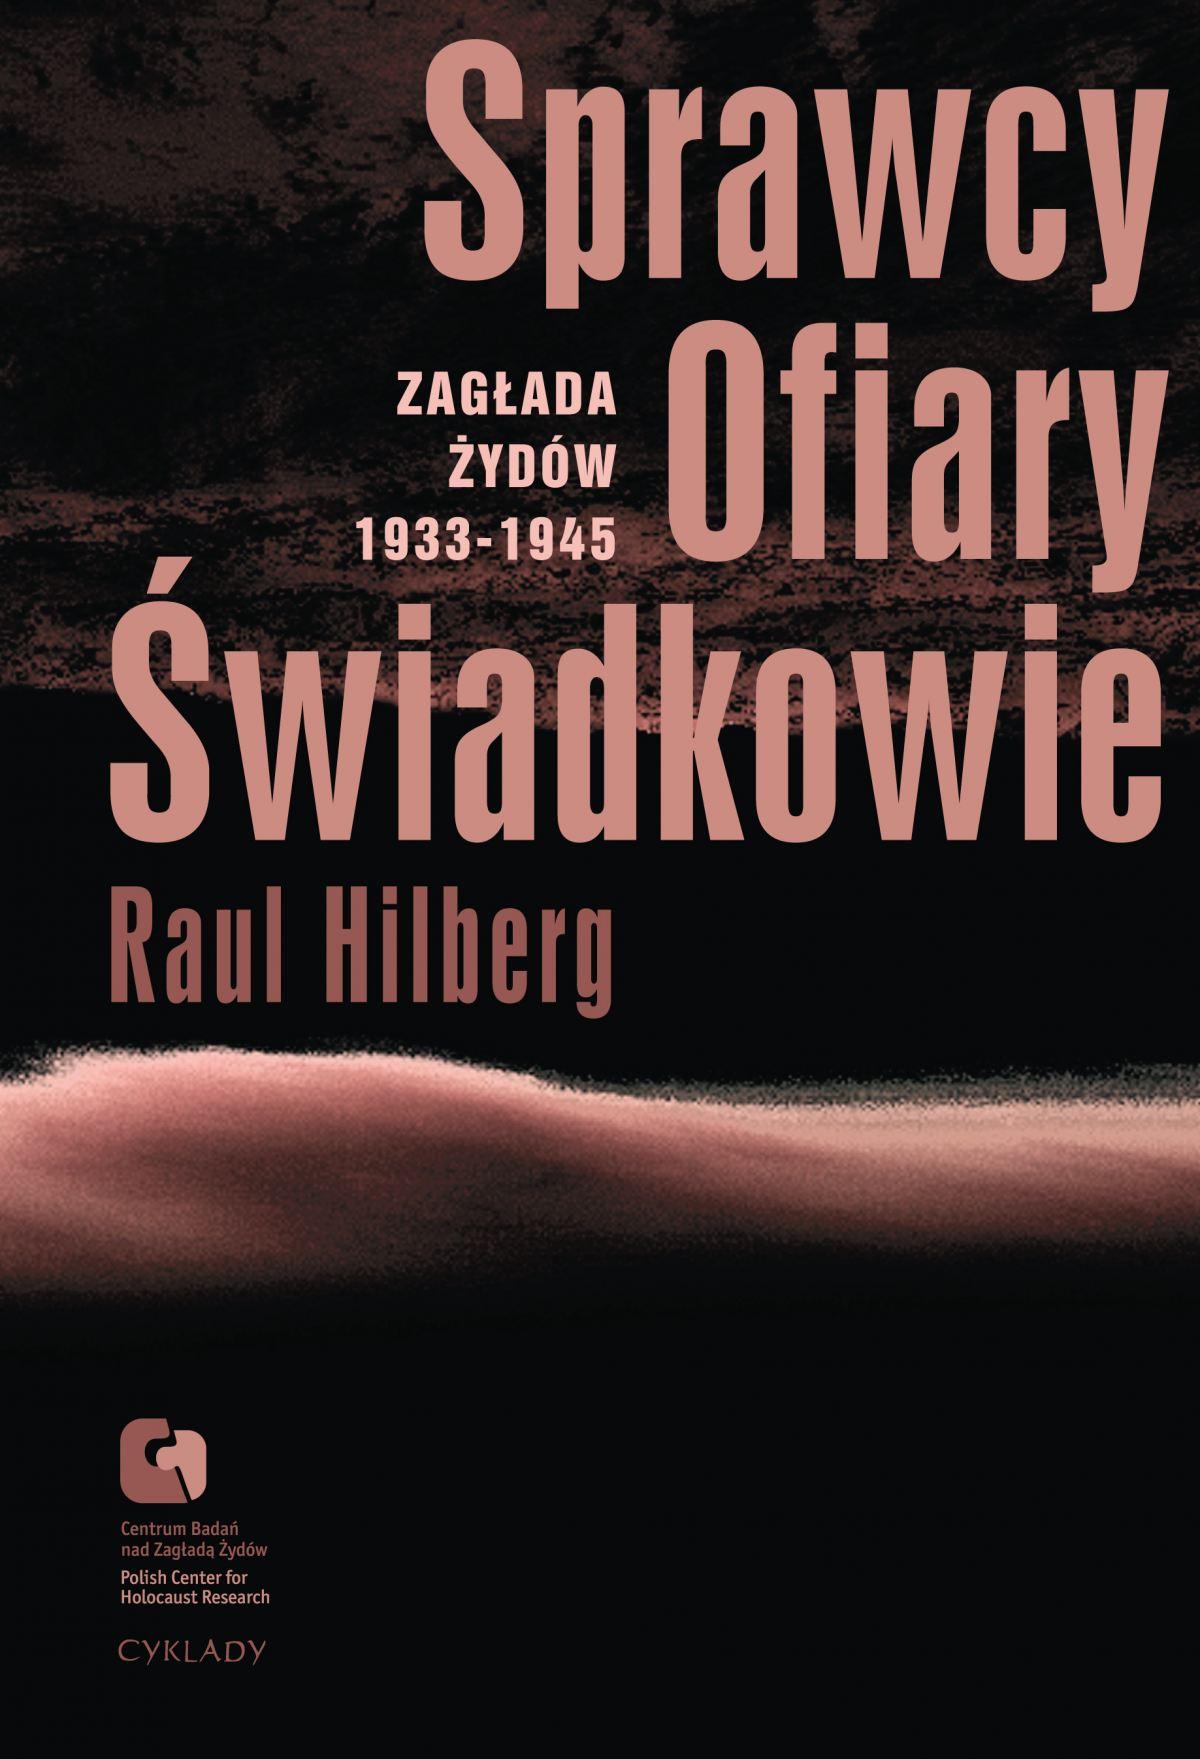 Sprawcy, Ofiary, Świadkowie. Zagłada Żydów 1933-1945 - Ebook (Książka na Kindle) do pobrania w formacie MOBI